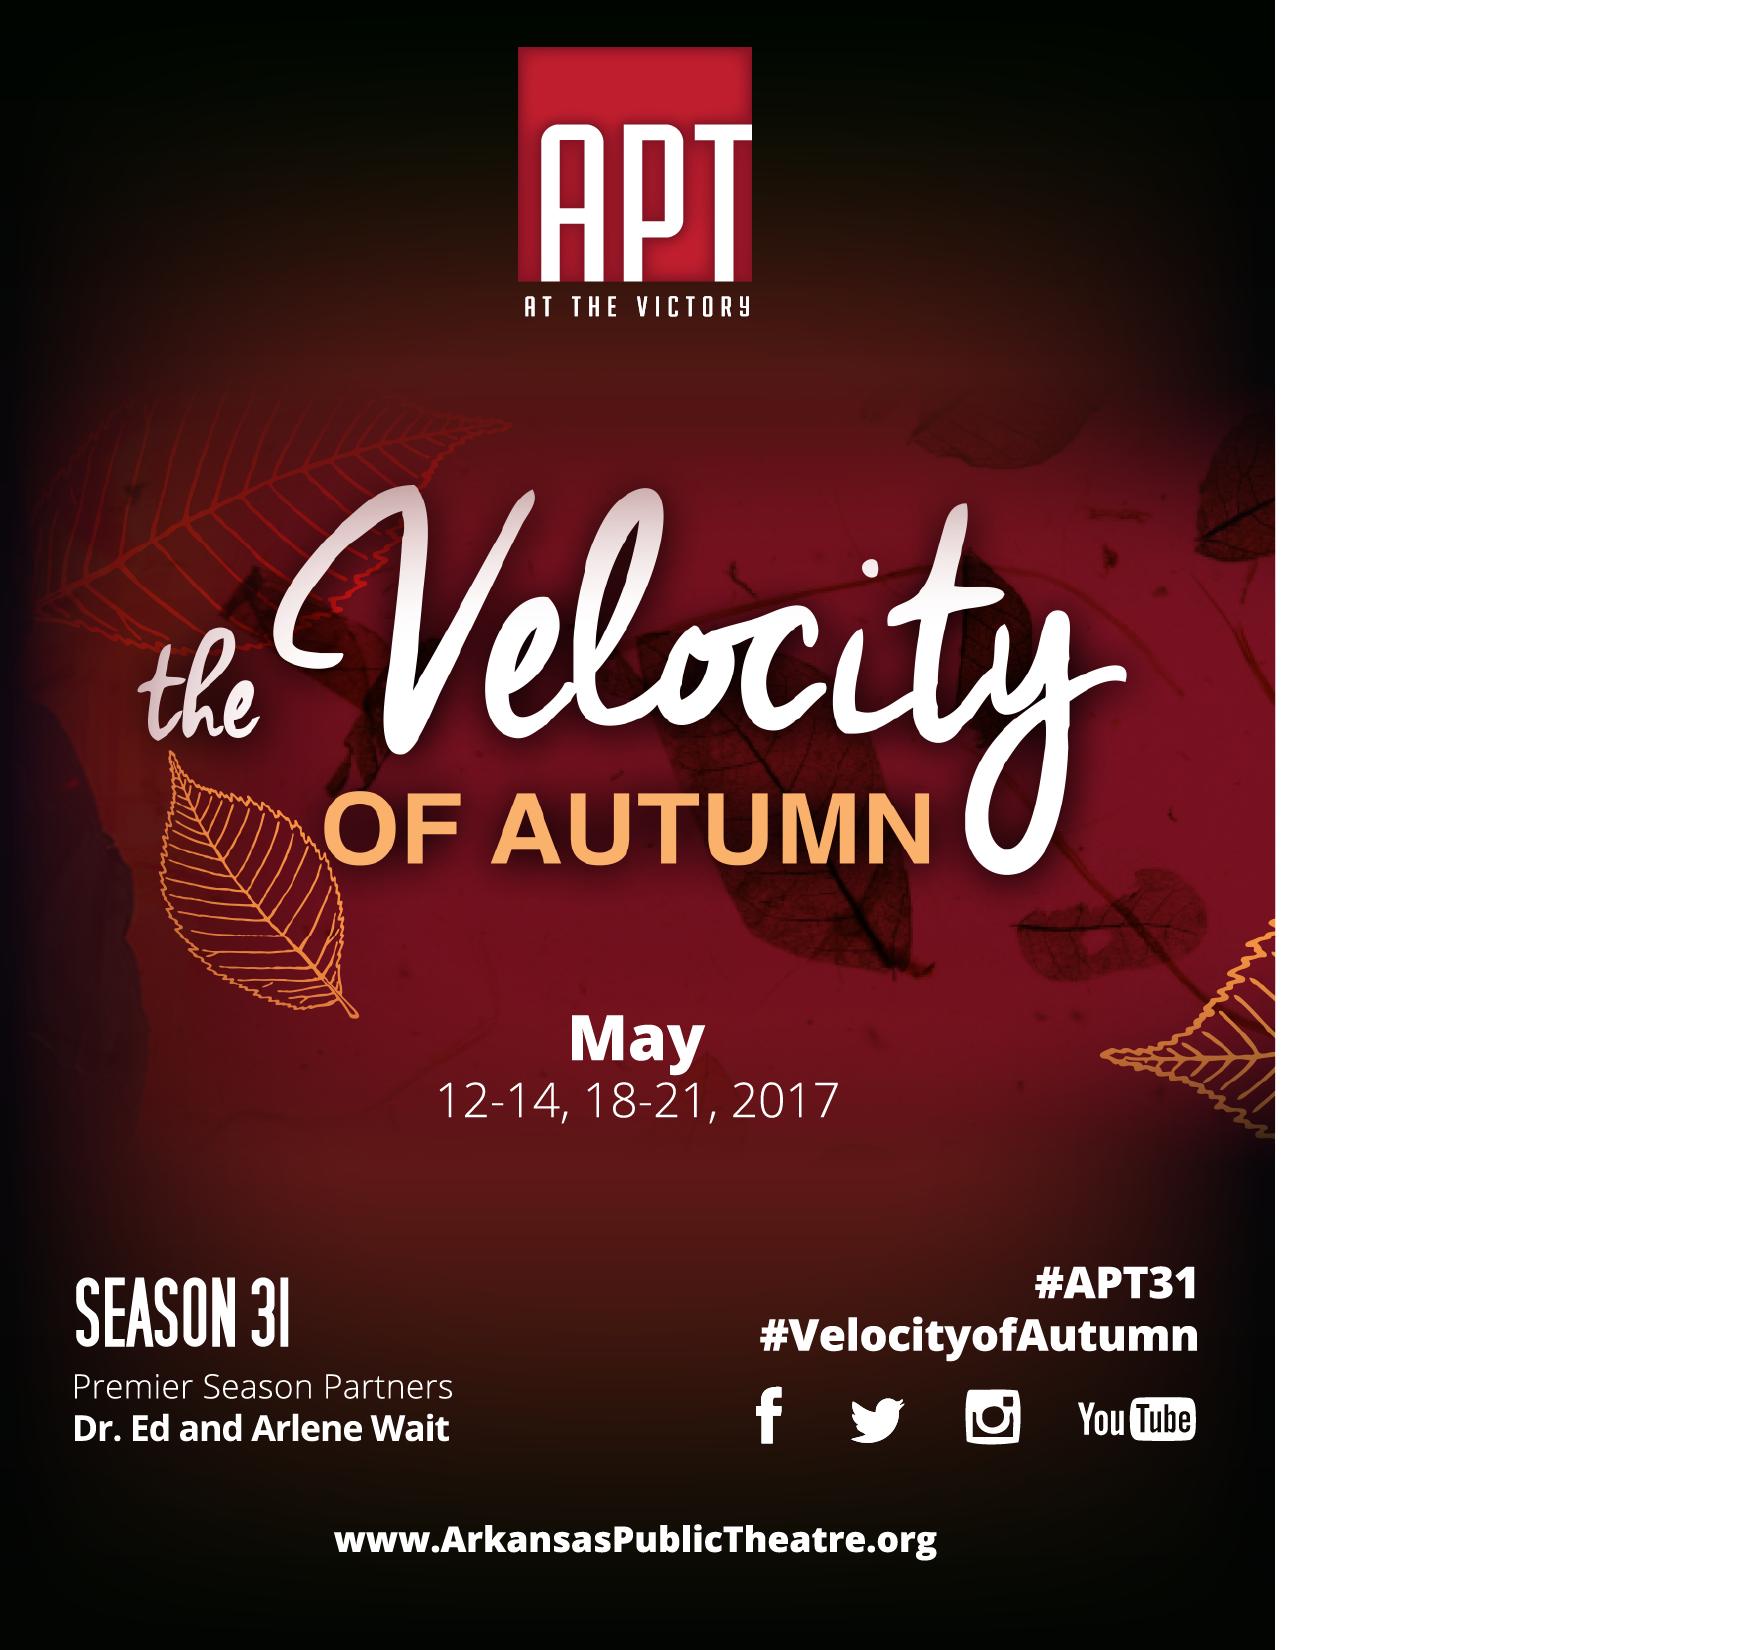 Season 31 | THE VELOCITY OF AUTUMN